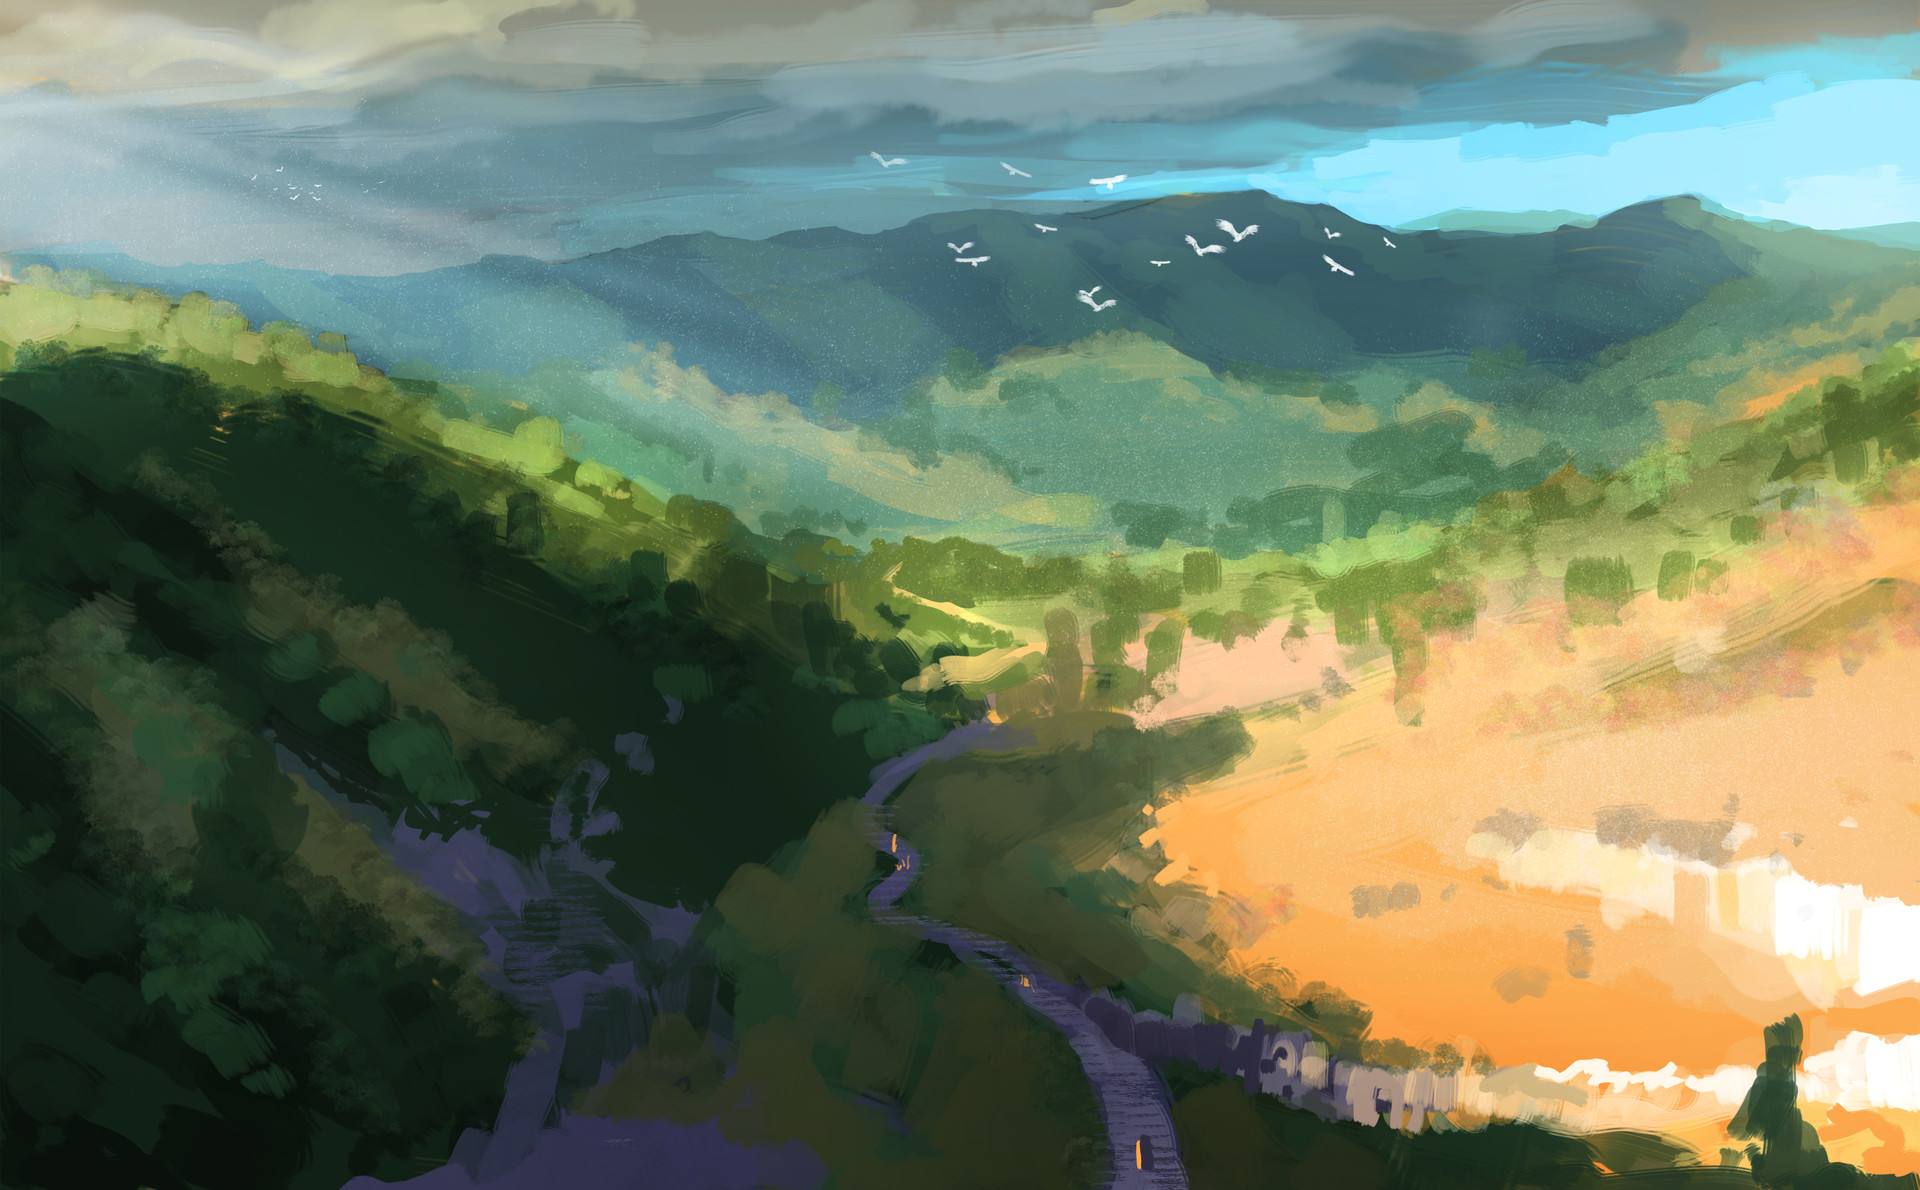 Nihils mountains